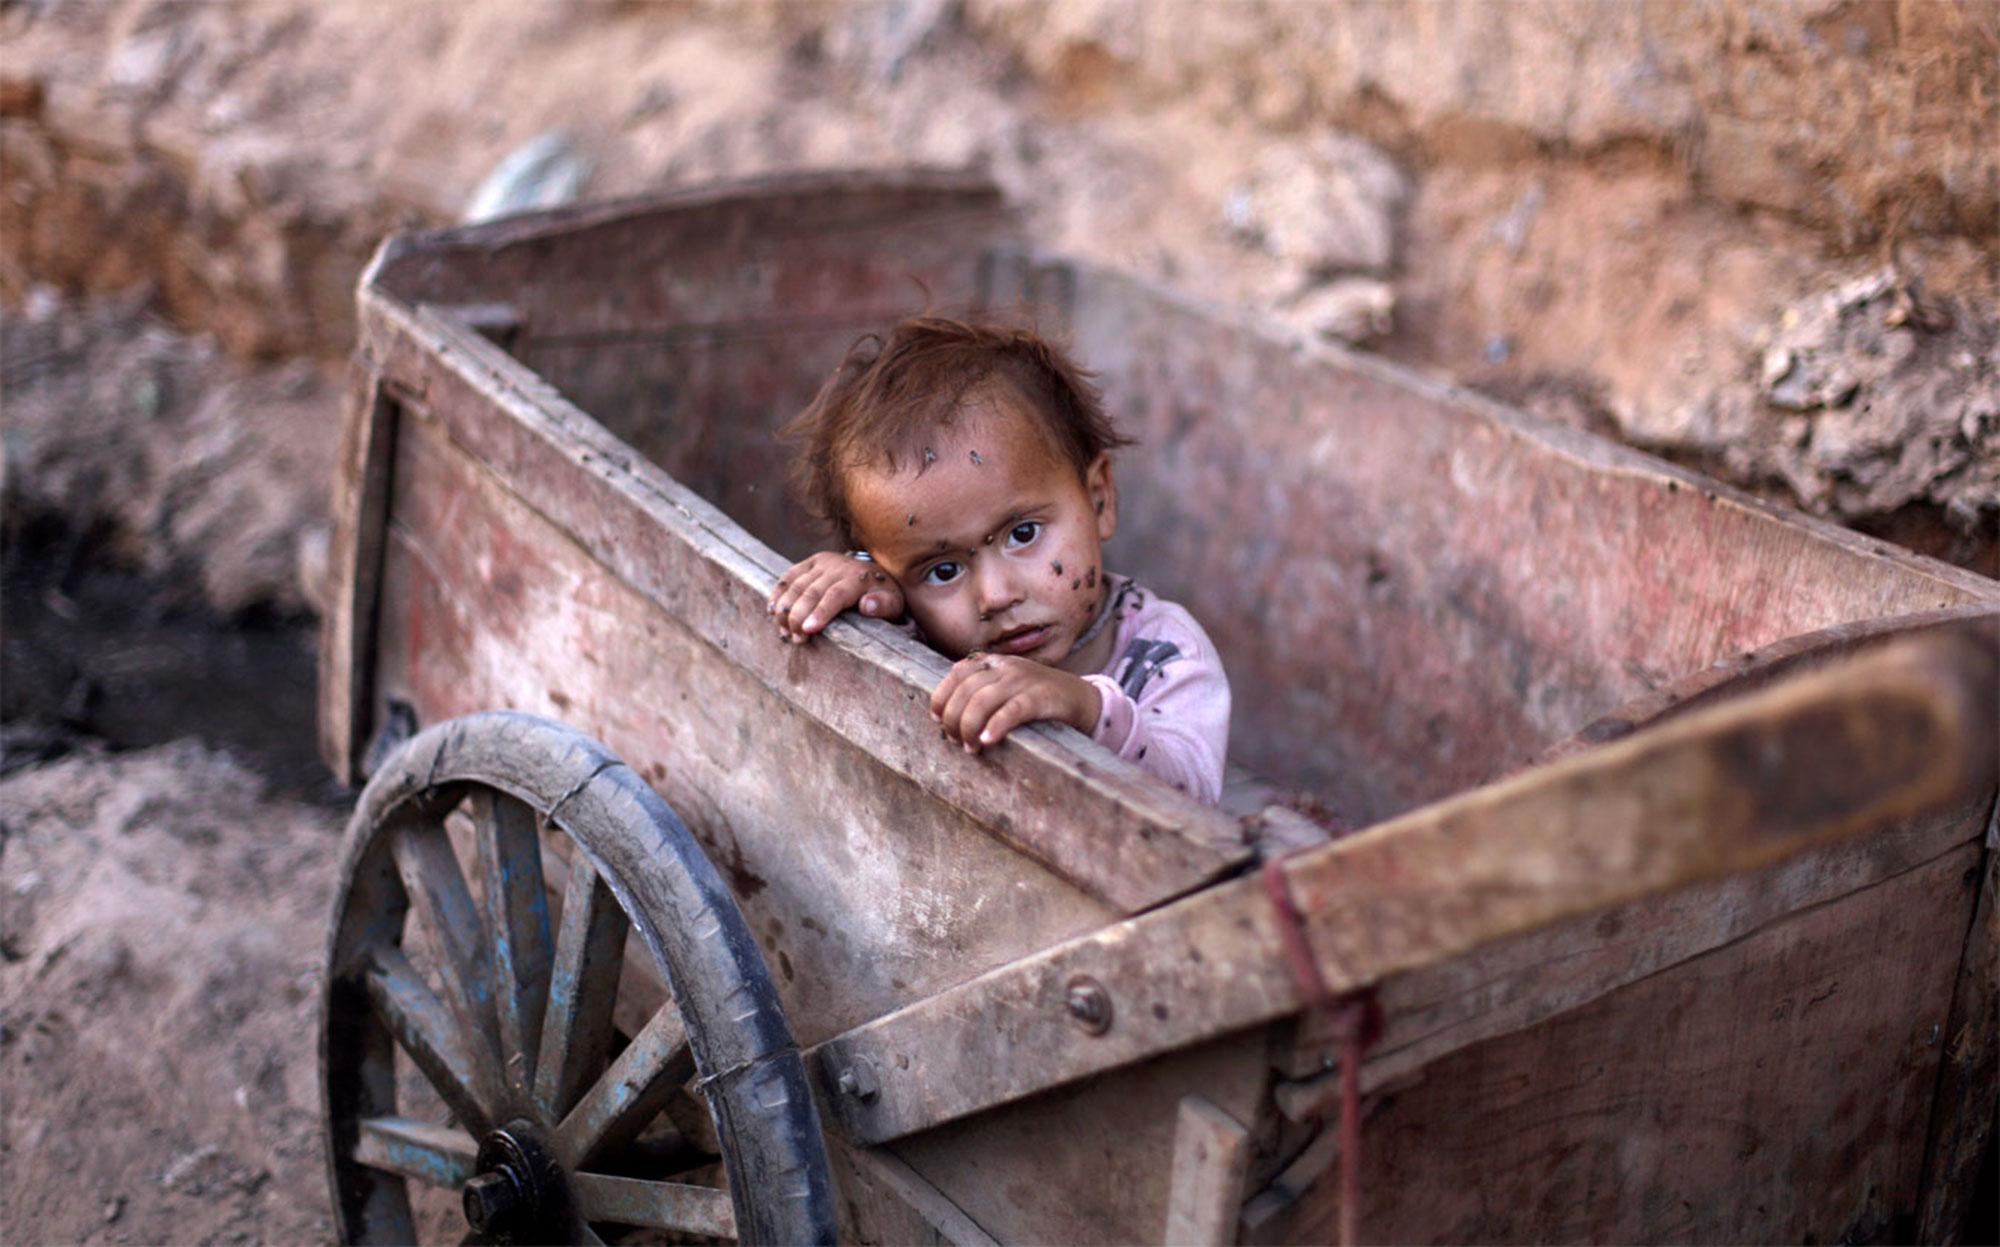 Терпеливых бедных мусульман заведут в Рай без спроса